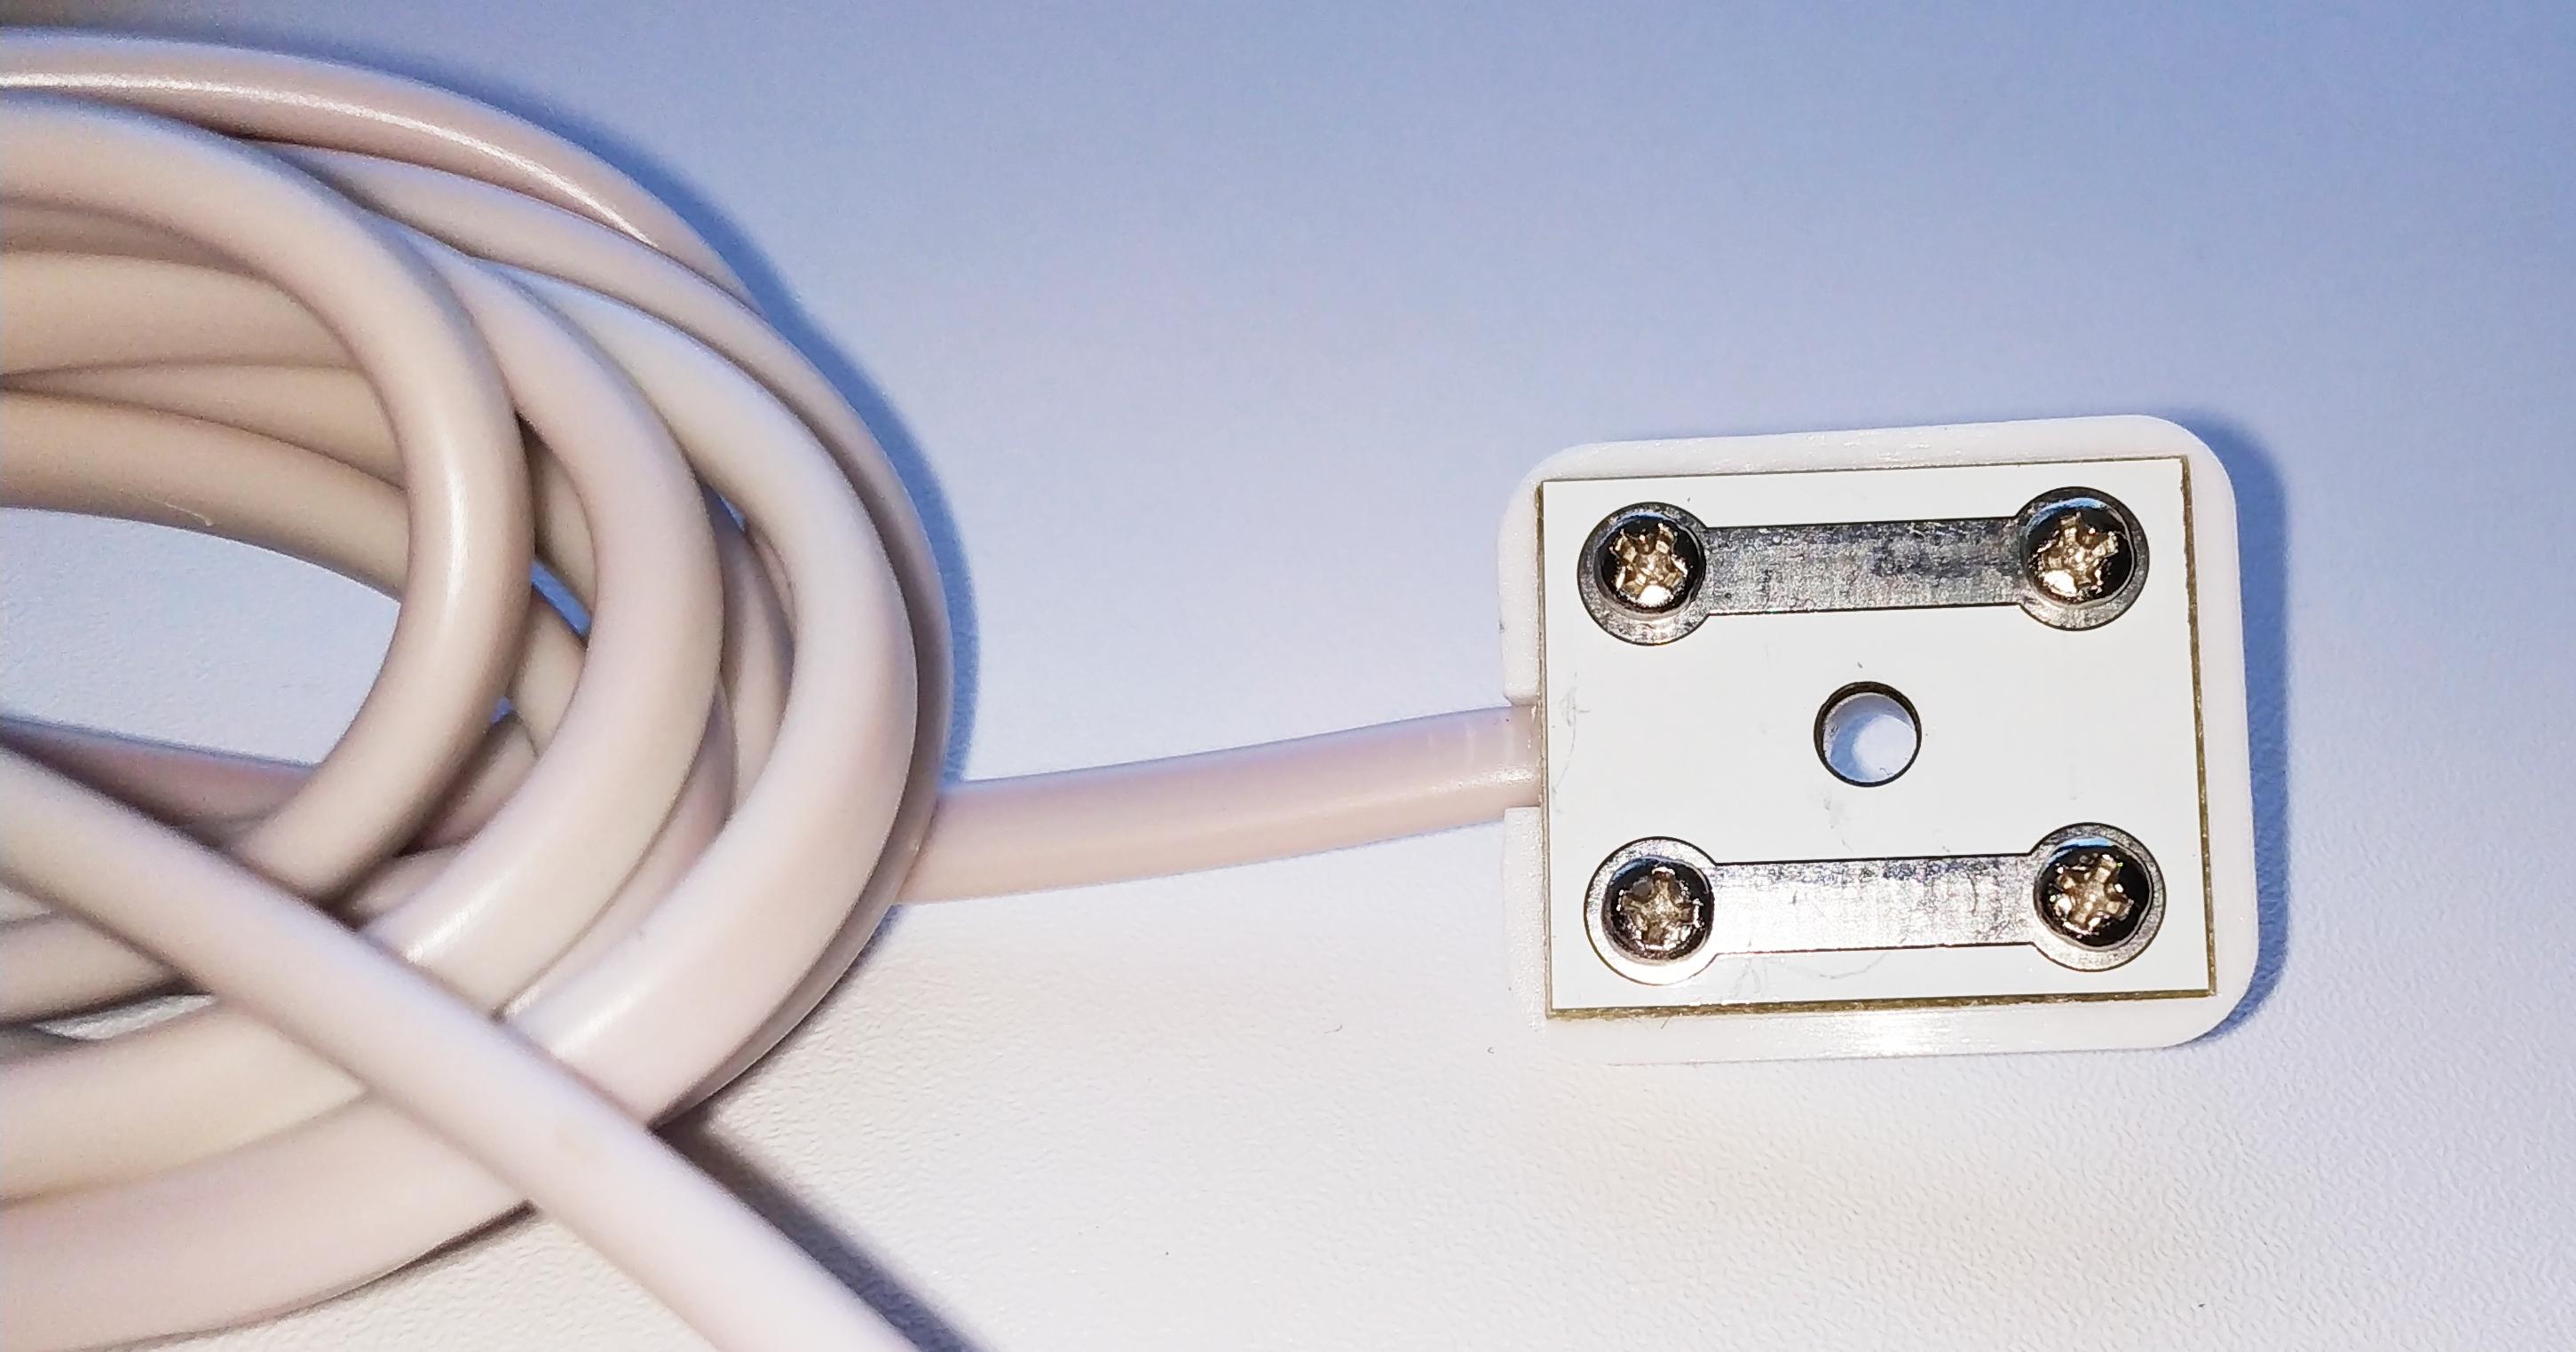 Проводной датчик протечки